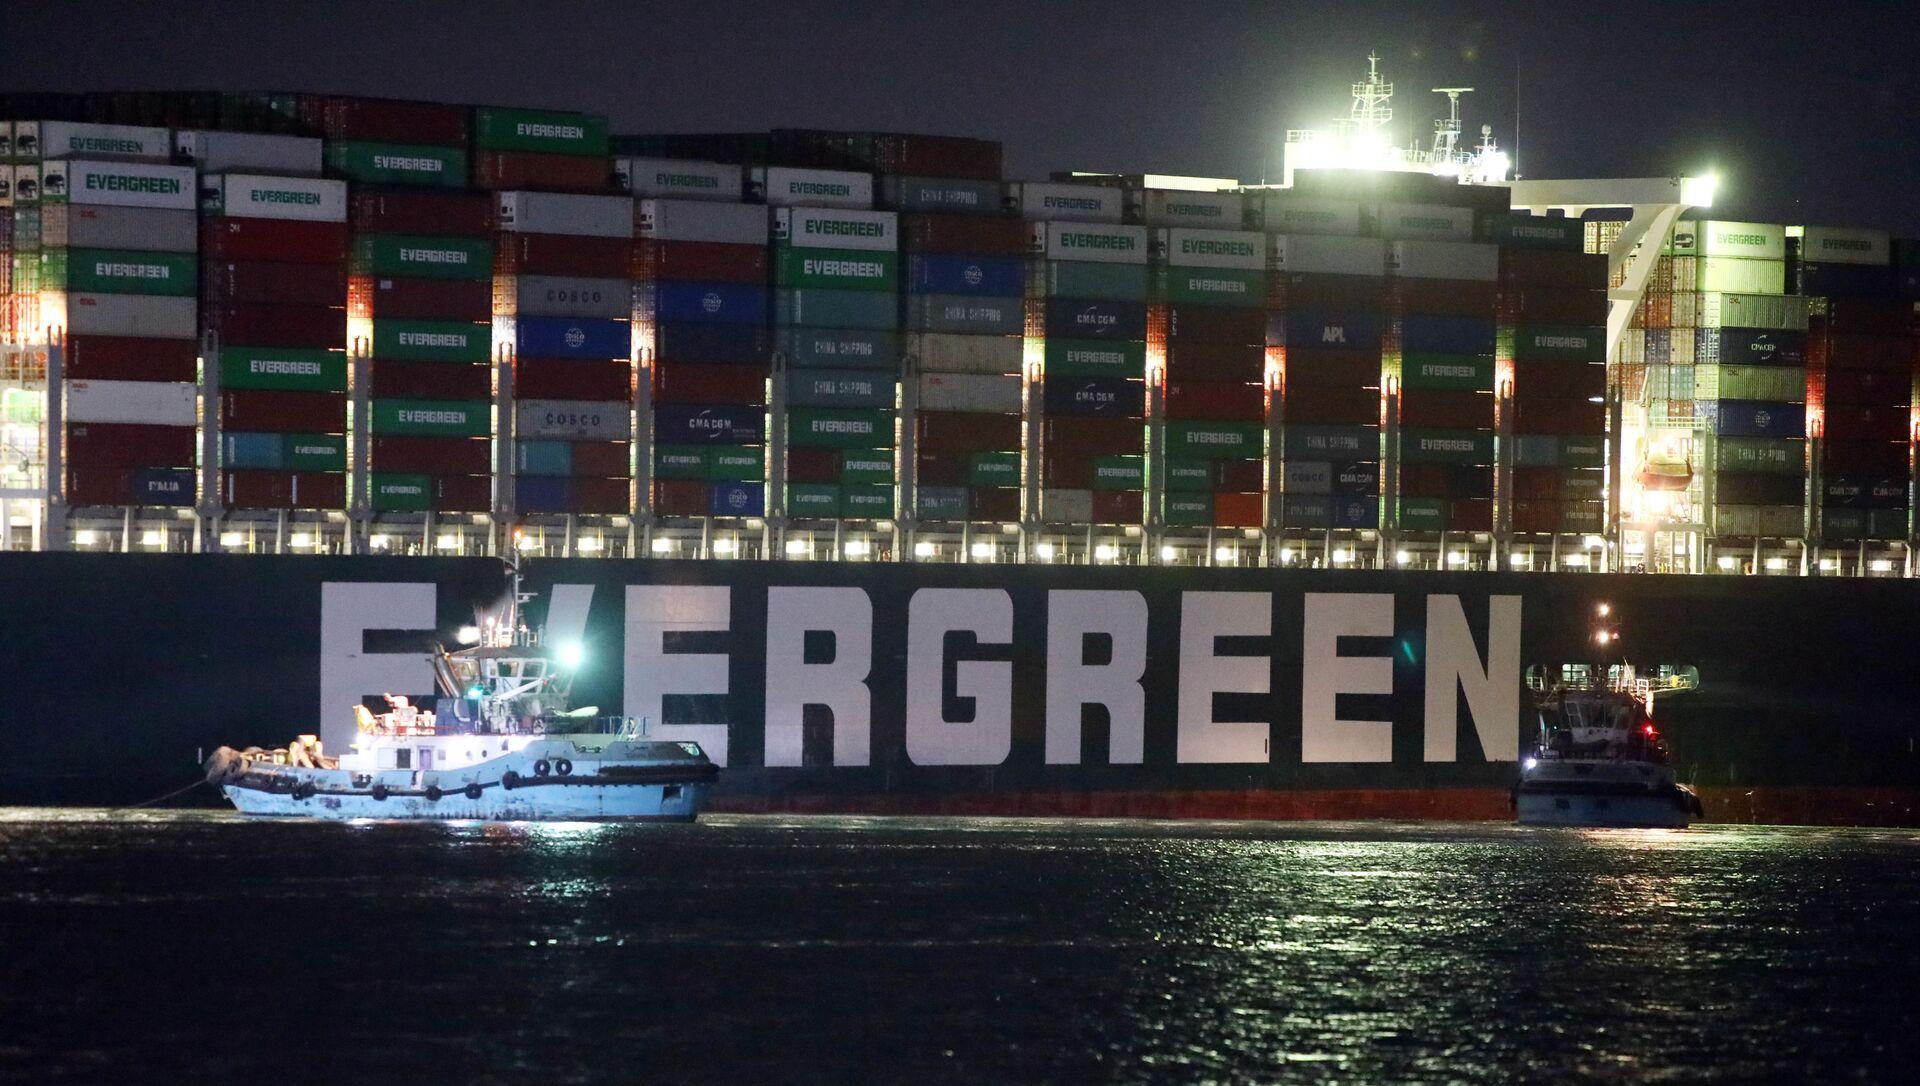 La nave cargo Ever Given che blocca il canale di Suez - Sputnik Italia, 1920, 01.04.2021